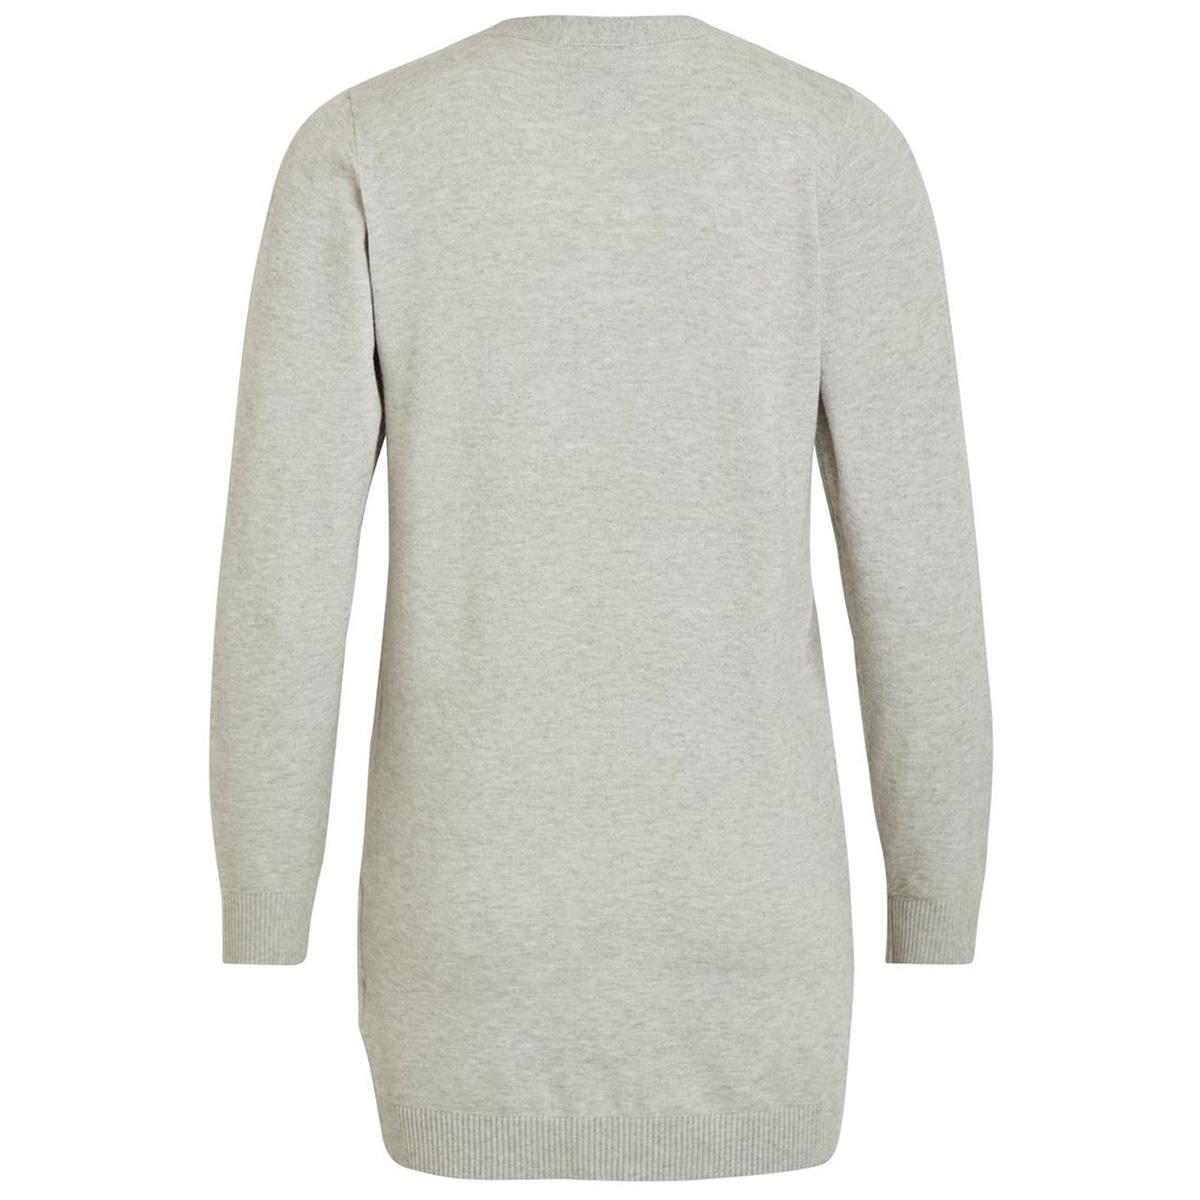 objthess l/s cardigan noos 23028514 object vest light grey melange